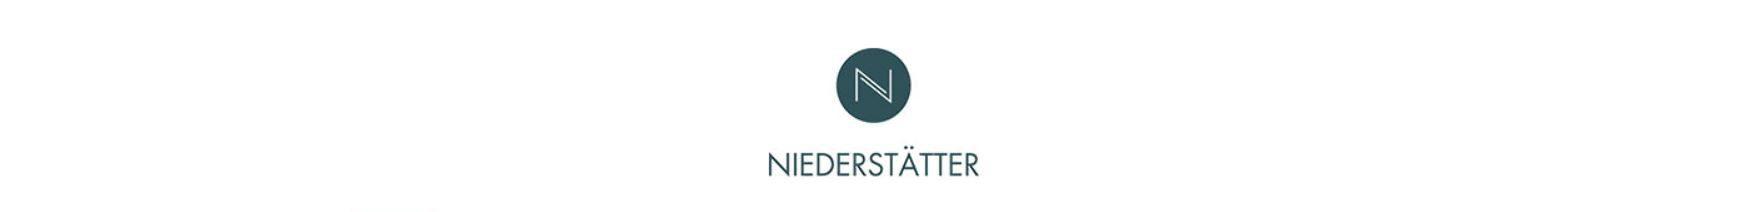 Hausverwaltung & Immobilien Niederstätter